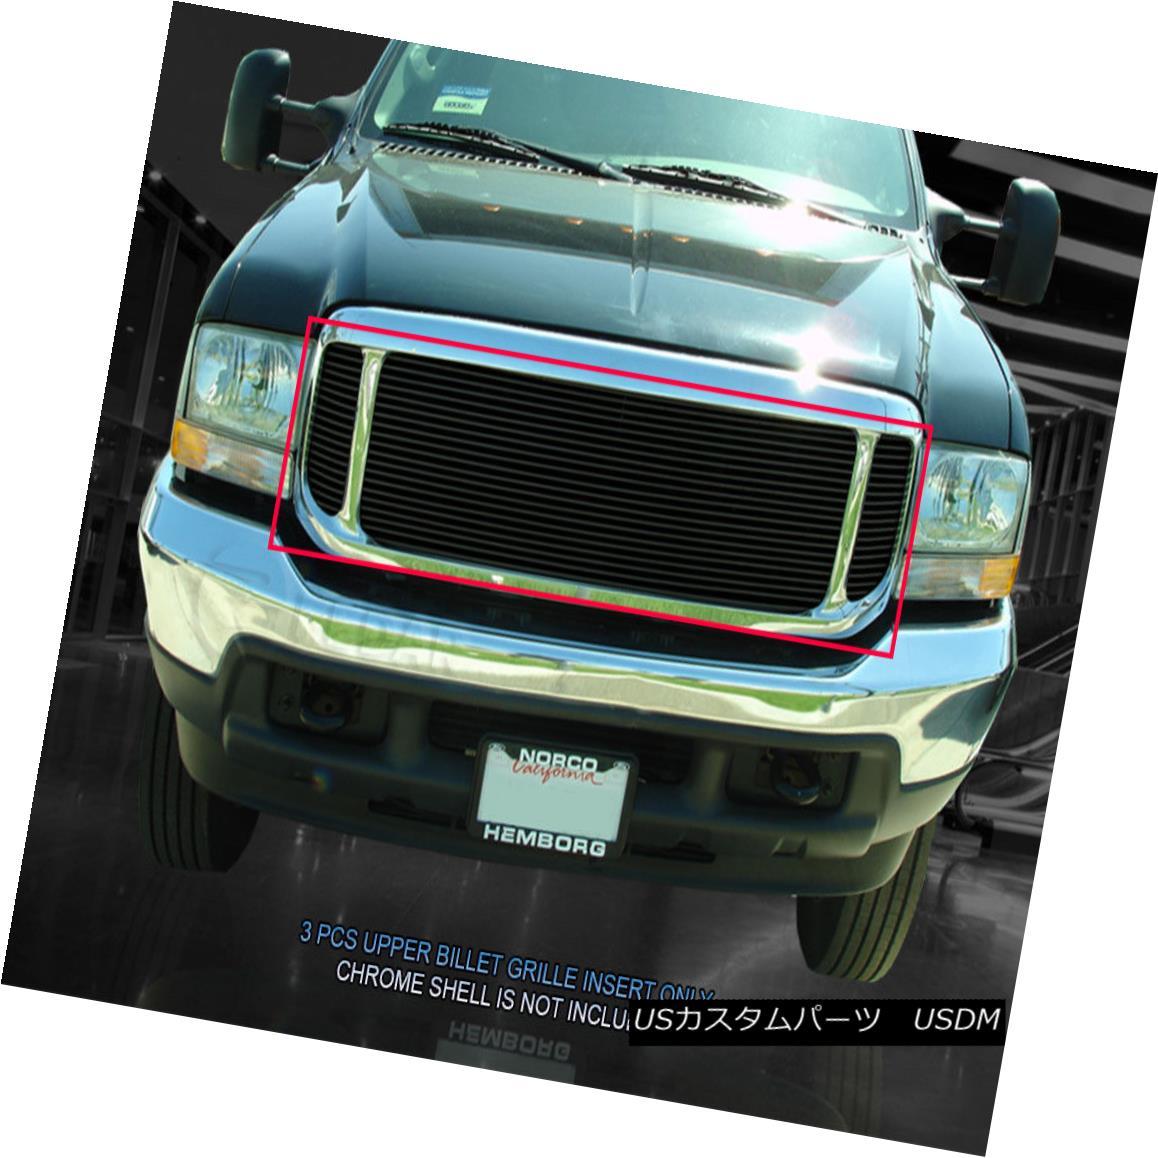 グリル Fedar Fits 99-04 Ford Excursion F250 F350 F450 F550 Black Billet Grille Grill Feder Fits 99-04 FordエクスカーションF250 F350 F450 F550 Black Billet Grille Grill